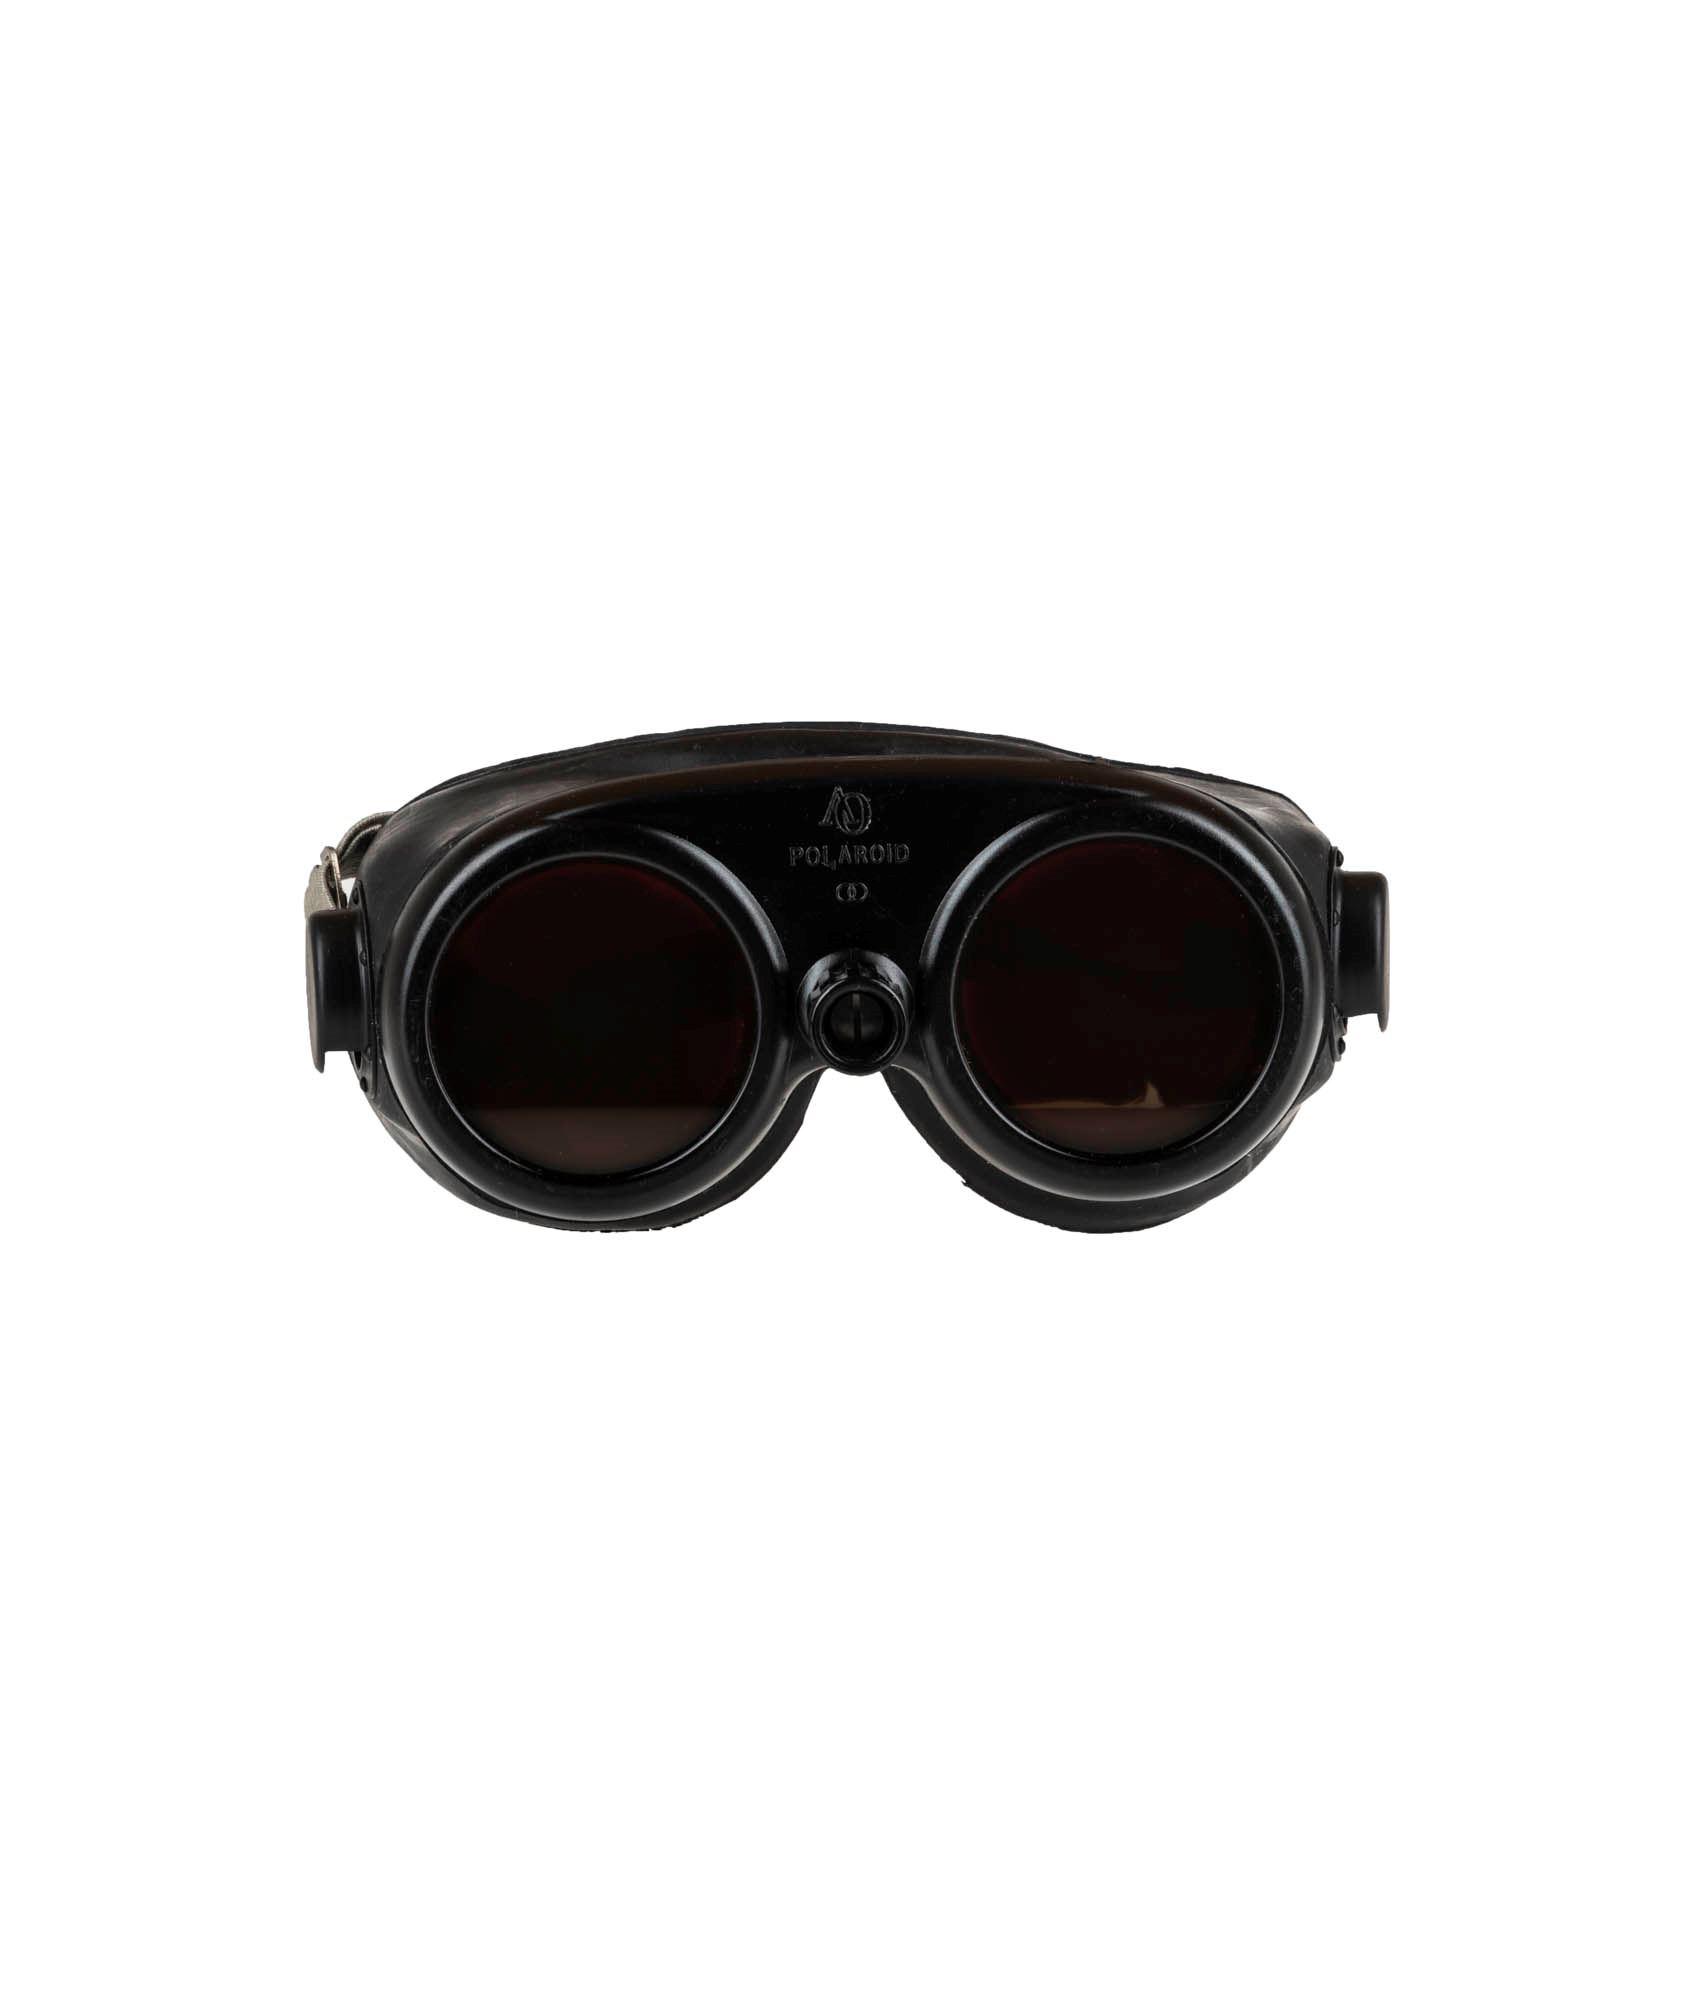 Luftværnsbriller M48 inkl. æske